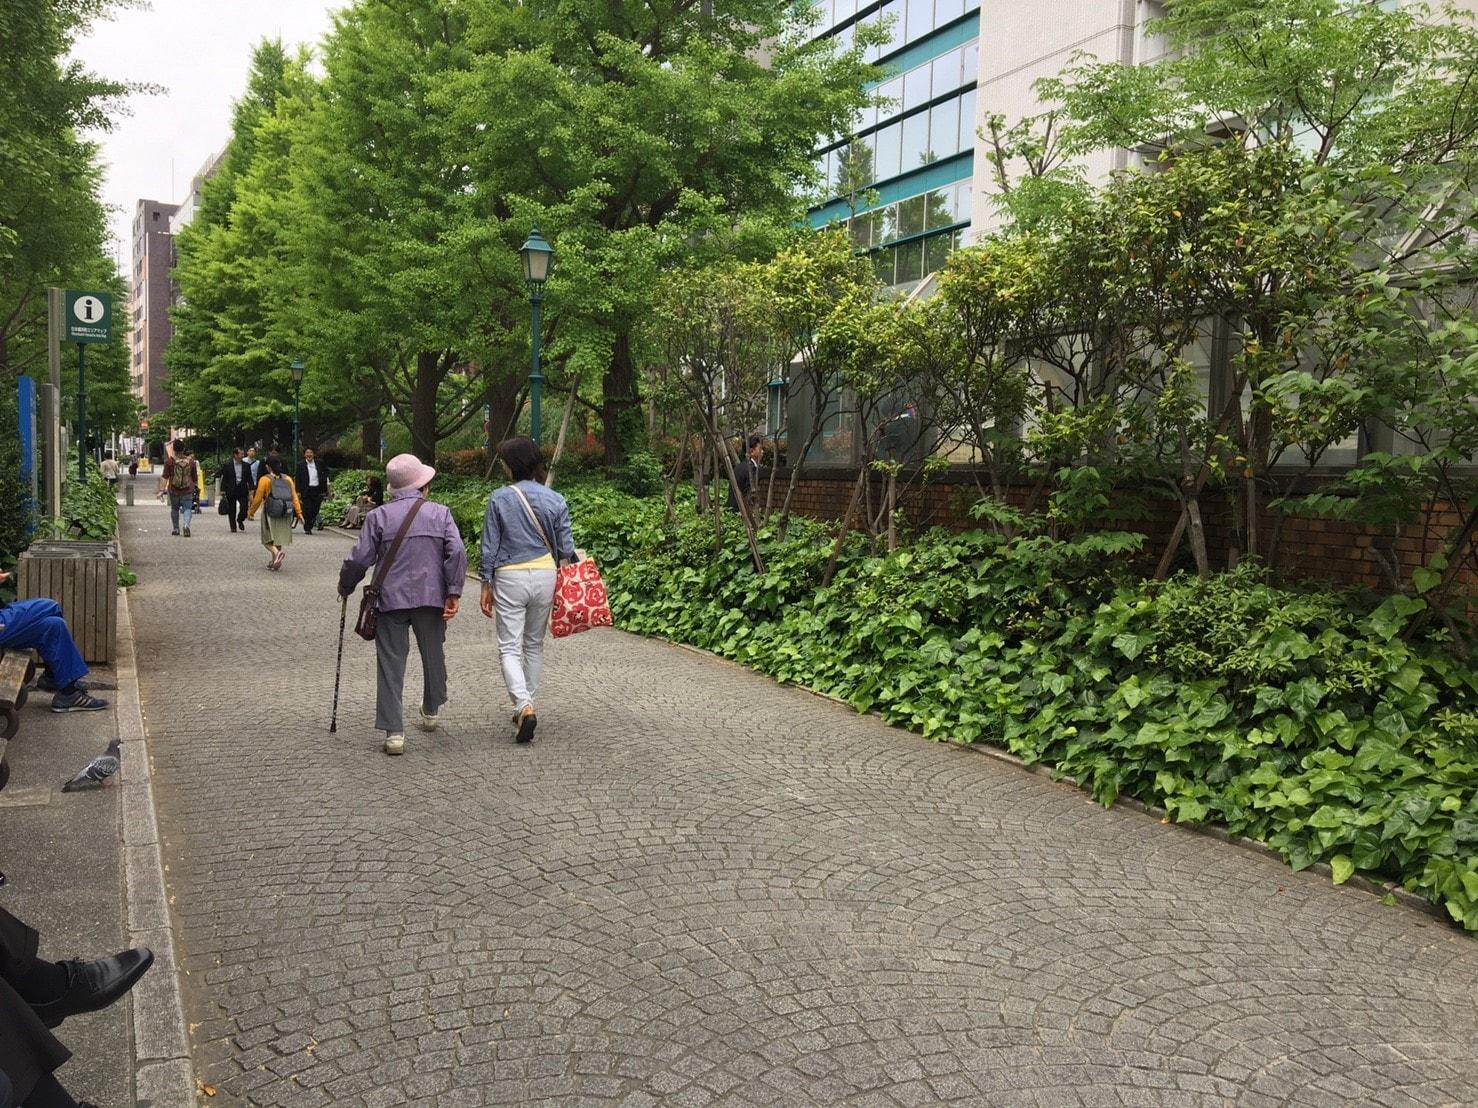 高齢のかたが多く歩いている公園前の風景